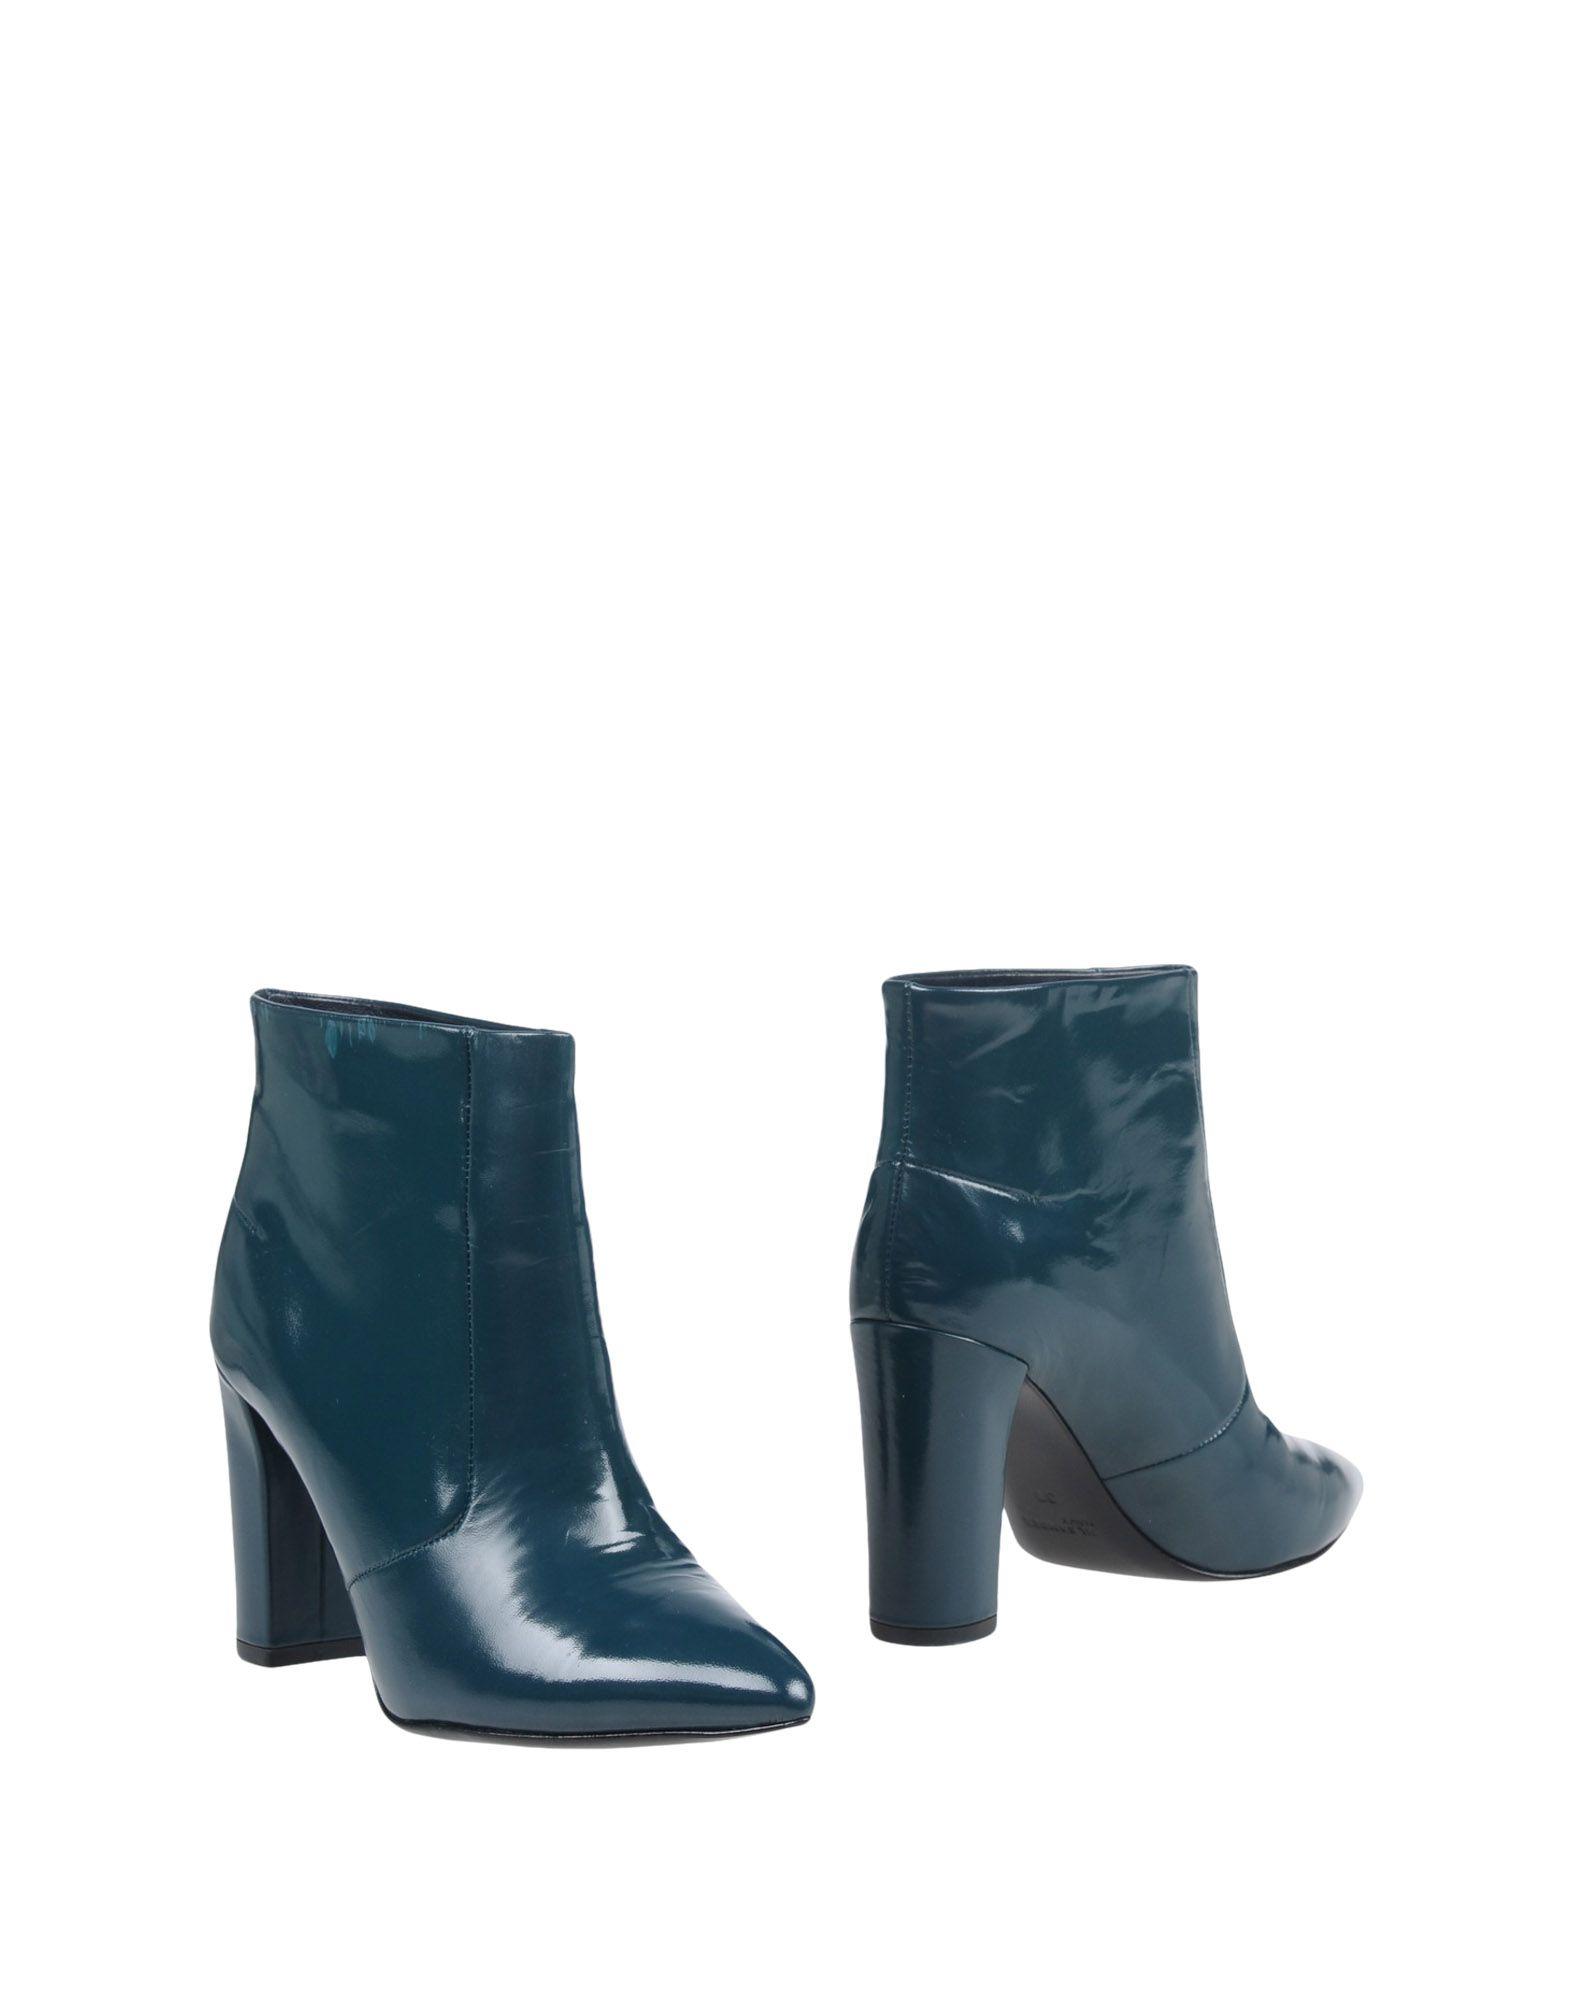 Jil Sander Navy Stiefelette Damen  11420170VK Gute Qualität beliebte Schuhe